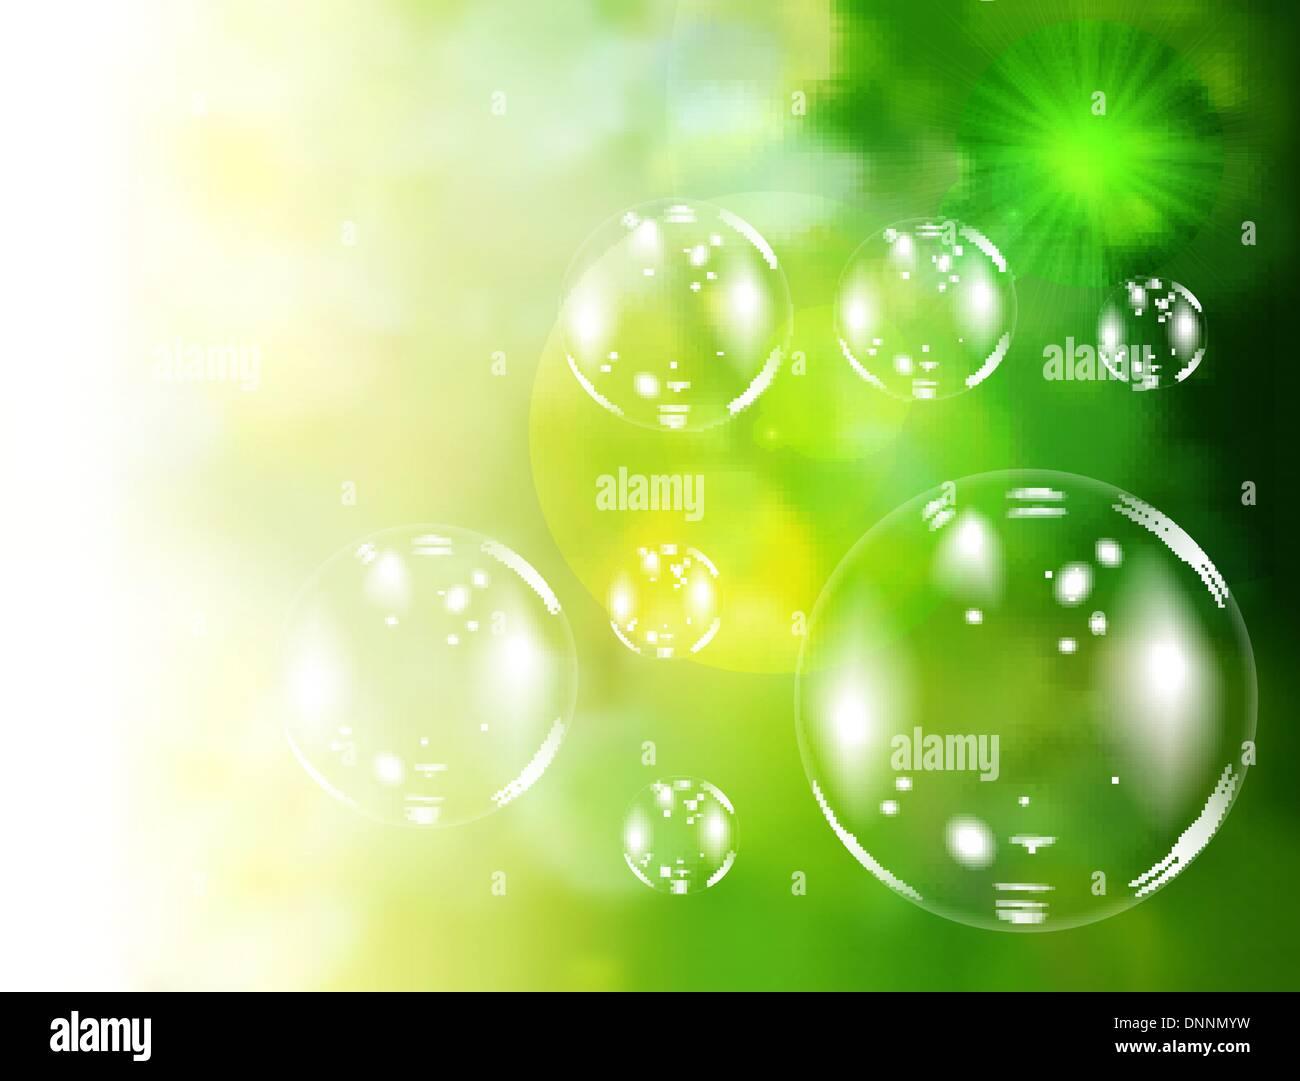 Bolle di sapone sul verde sfondo naturale. Illustrazione Vettoriale Immagini Stock